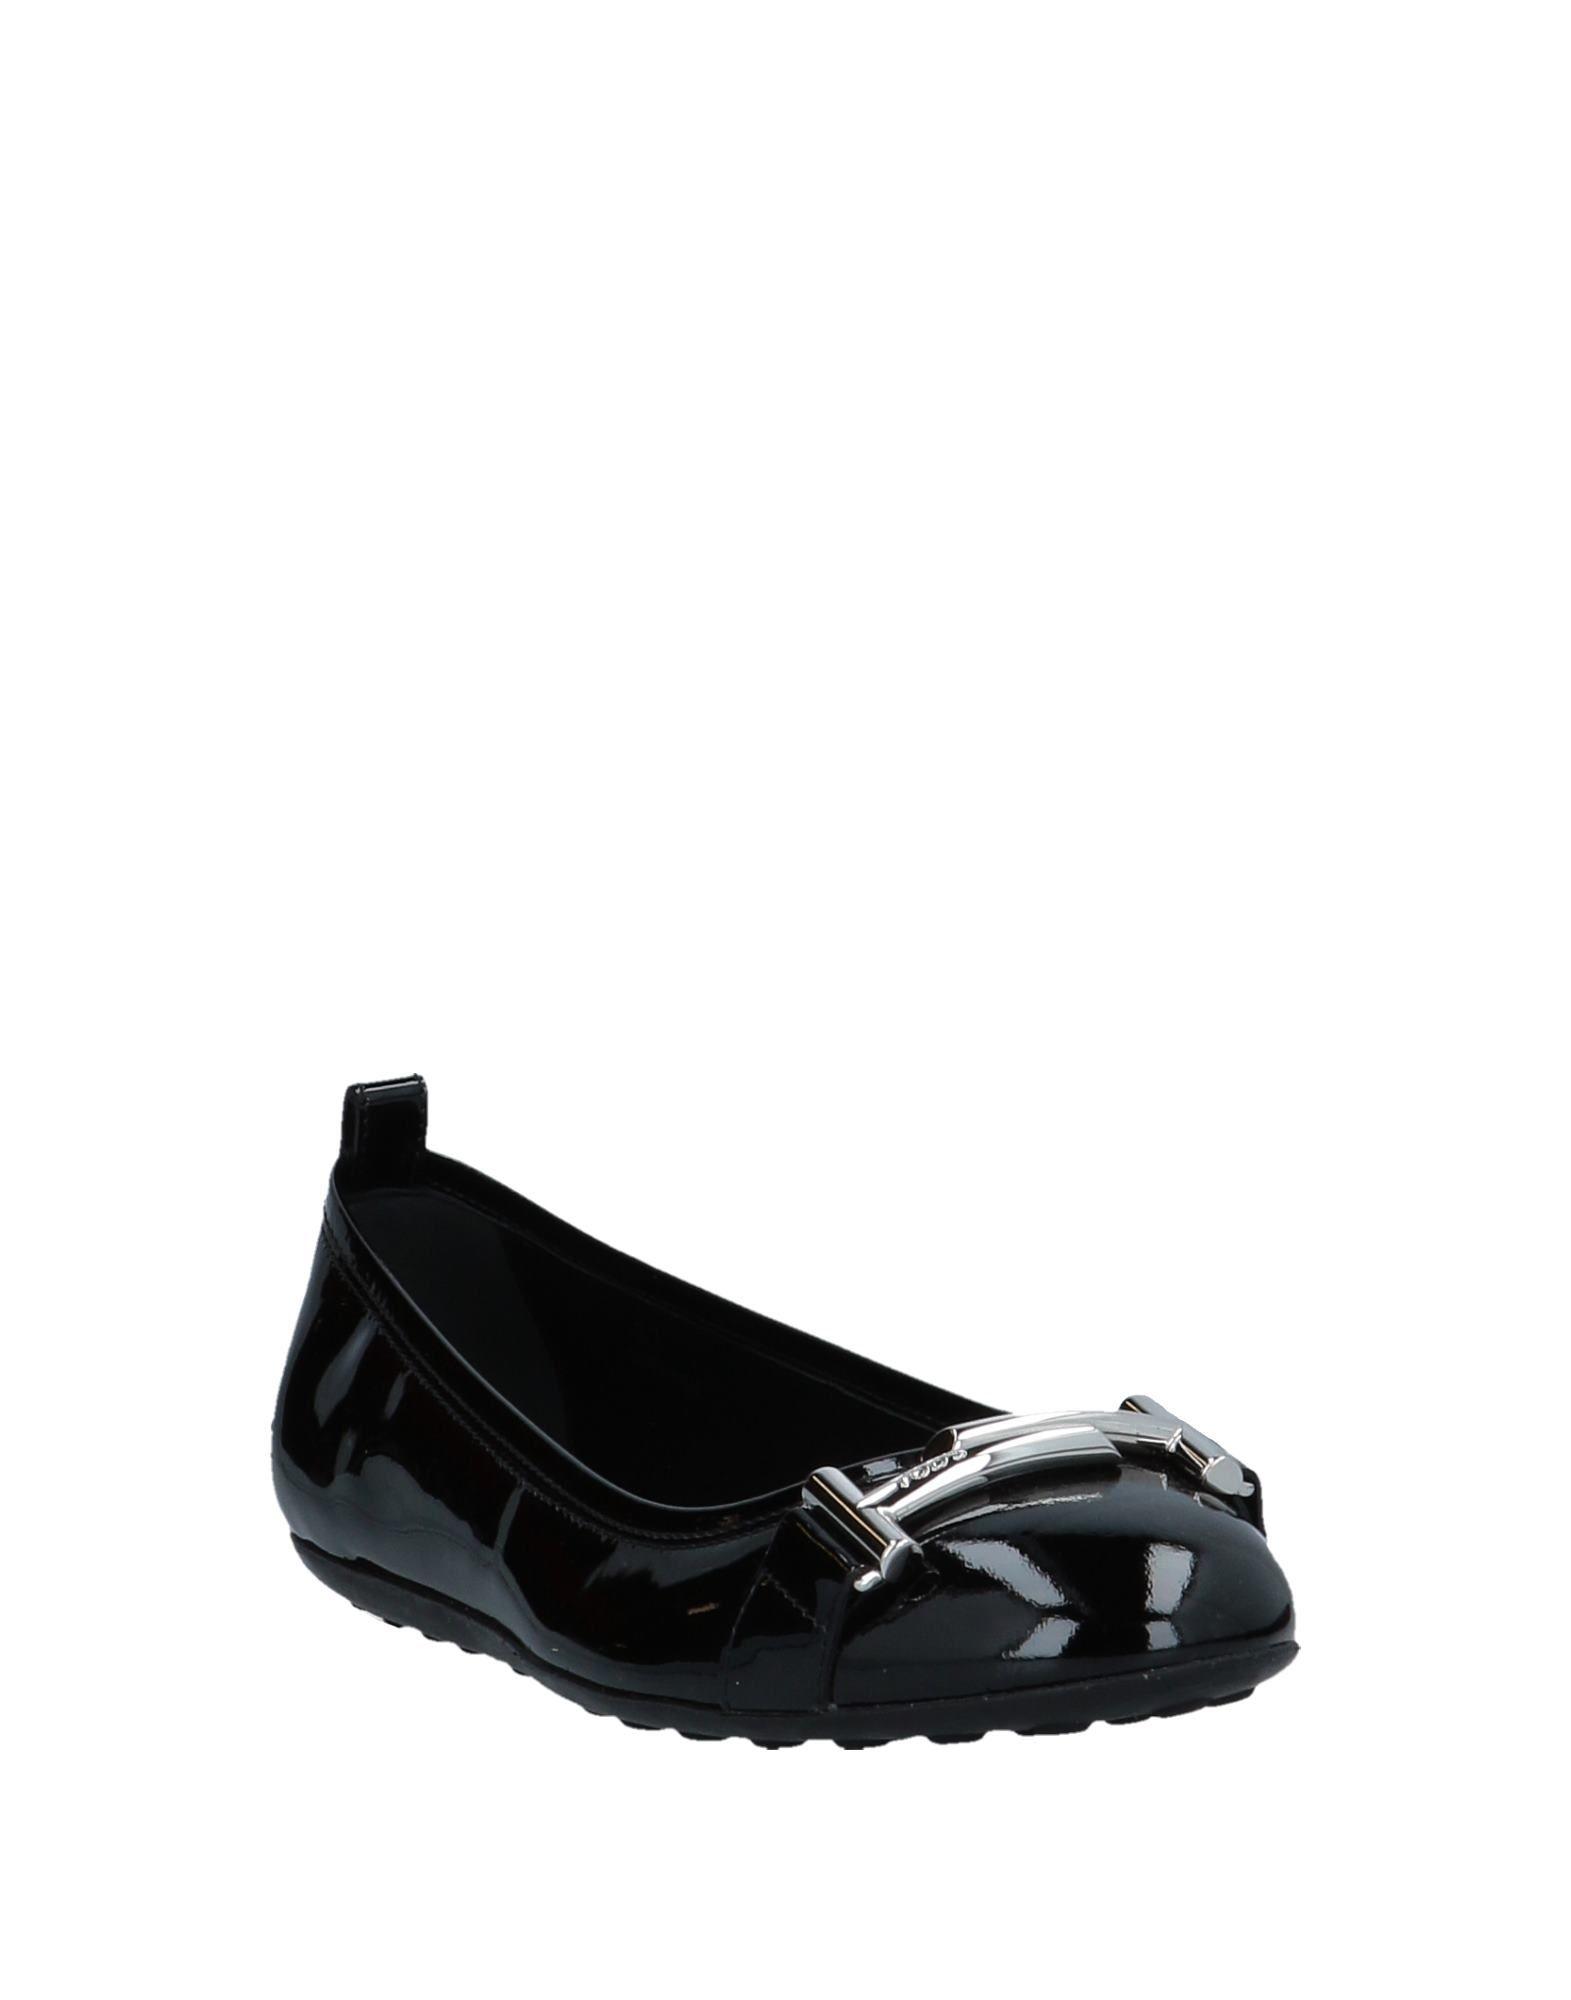 Rabatt Schuhe 11429851QQ Tod's Ballerinas Damen  11429851QQ Schuhe 88623a